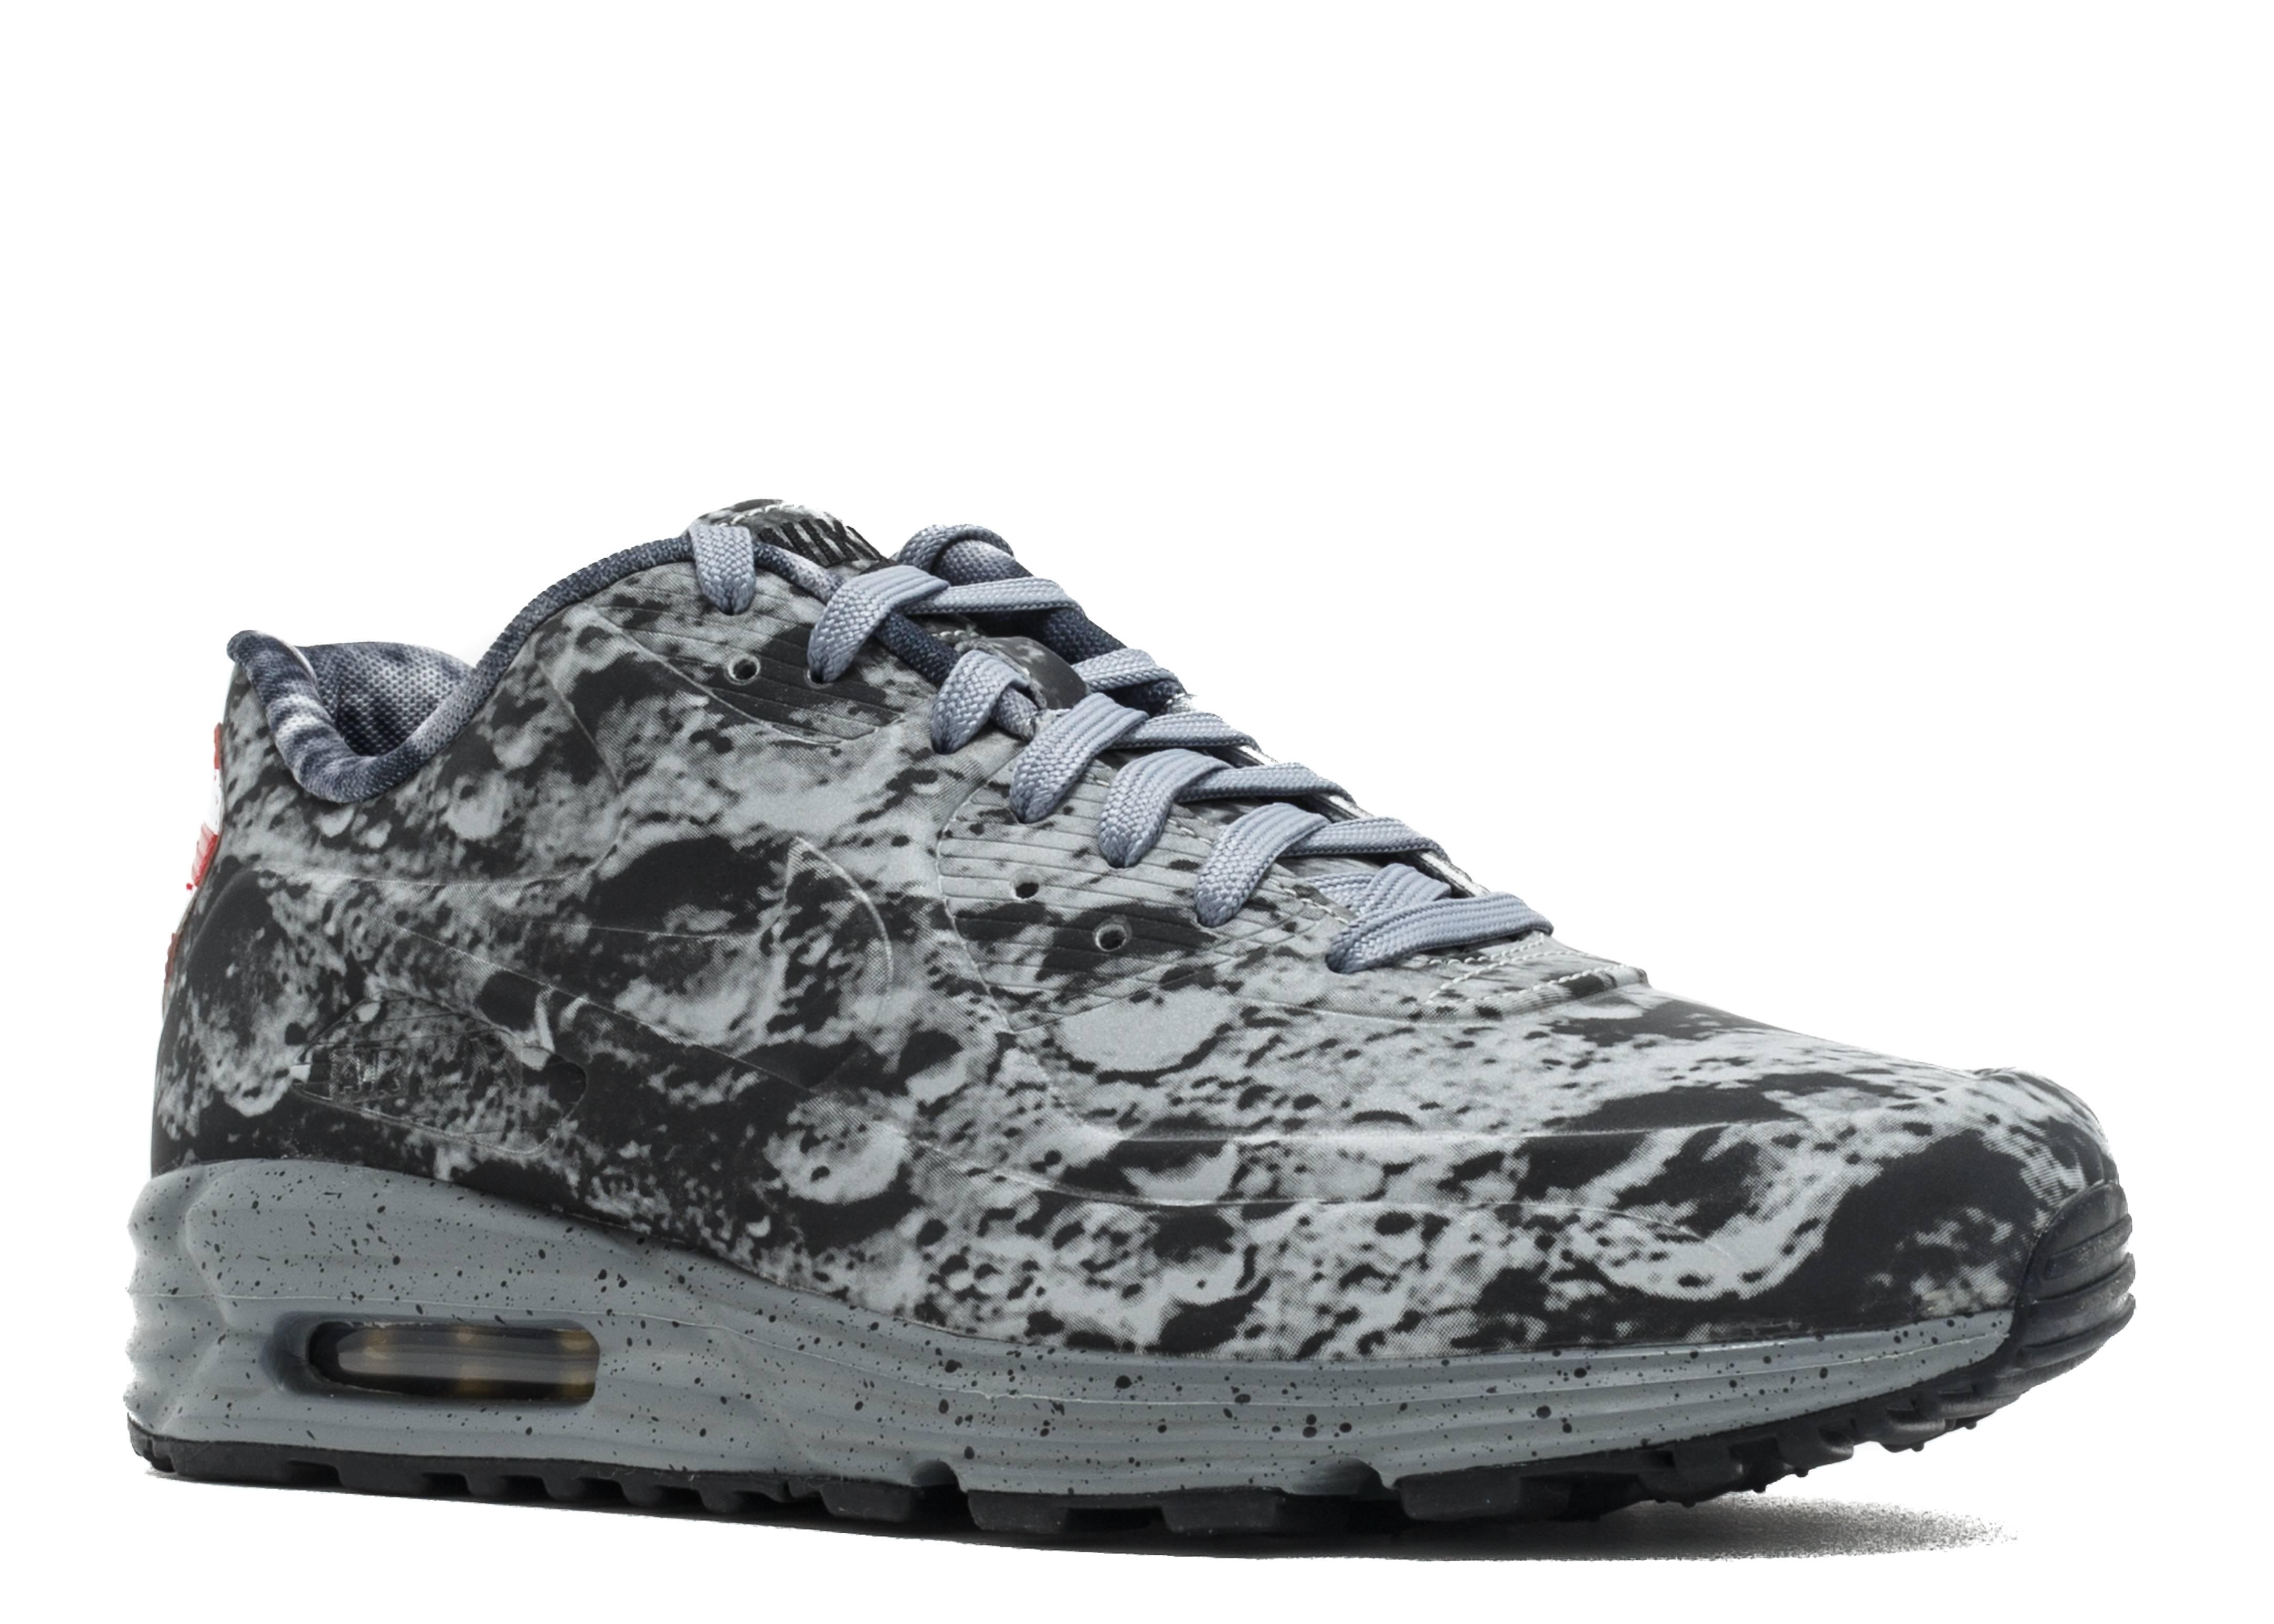 nike. air max lunar 90 sp \u0026quot;moon landing\u0026quot;